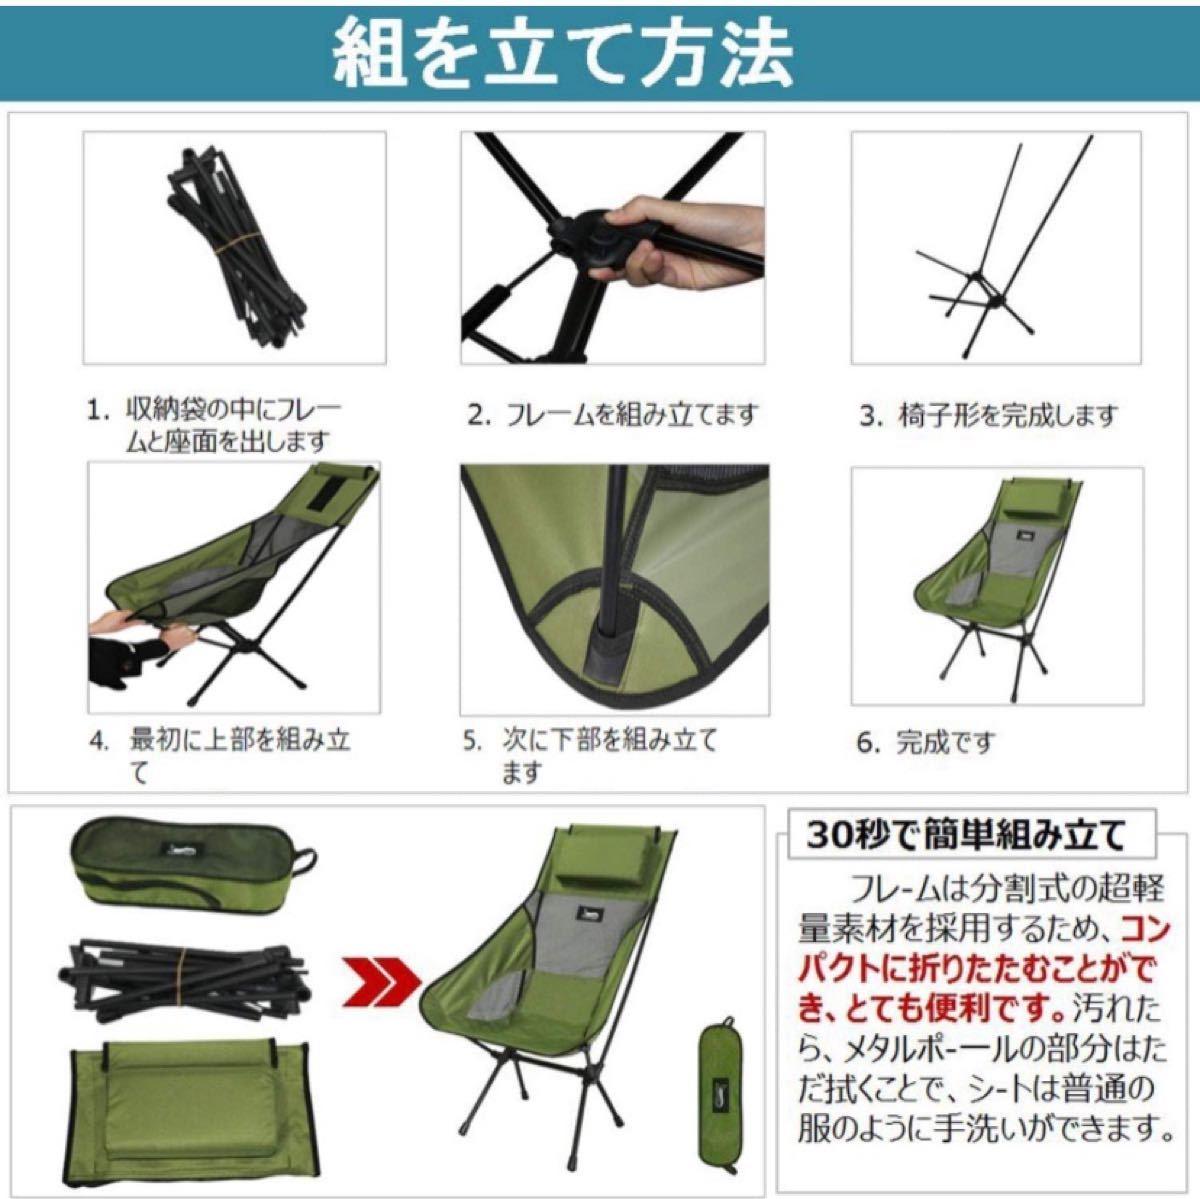 アウトドアチェア 折りたたみ 枕付き 収納袋付属 ベージュ/ハイバック